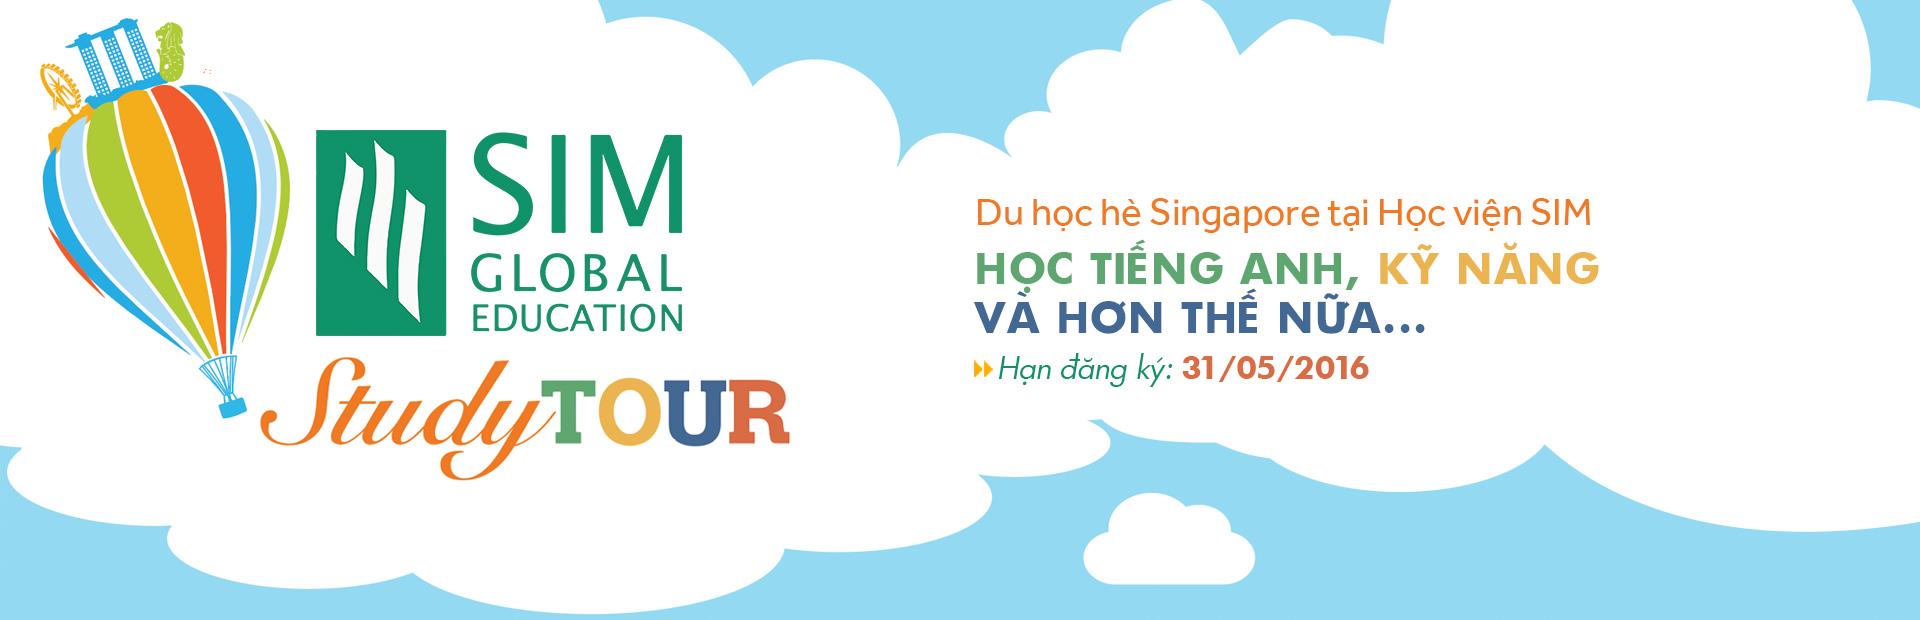 Khóa du học hè tại Singapore: Chất lượng, an toàn, chi phí hợp lý